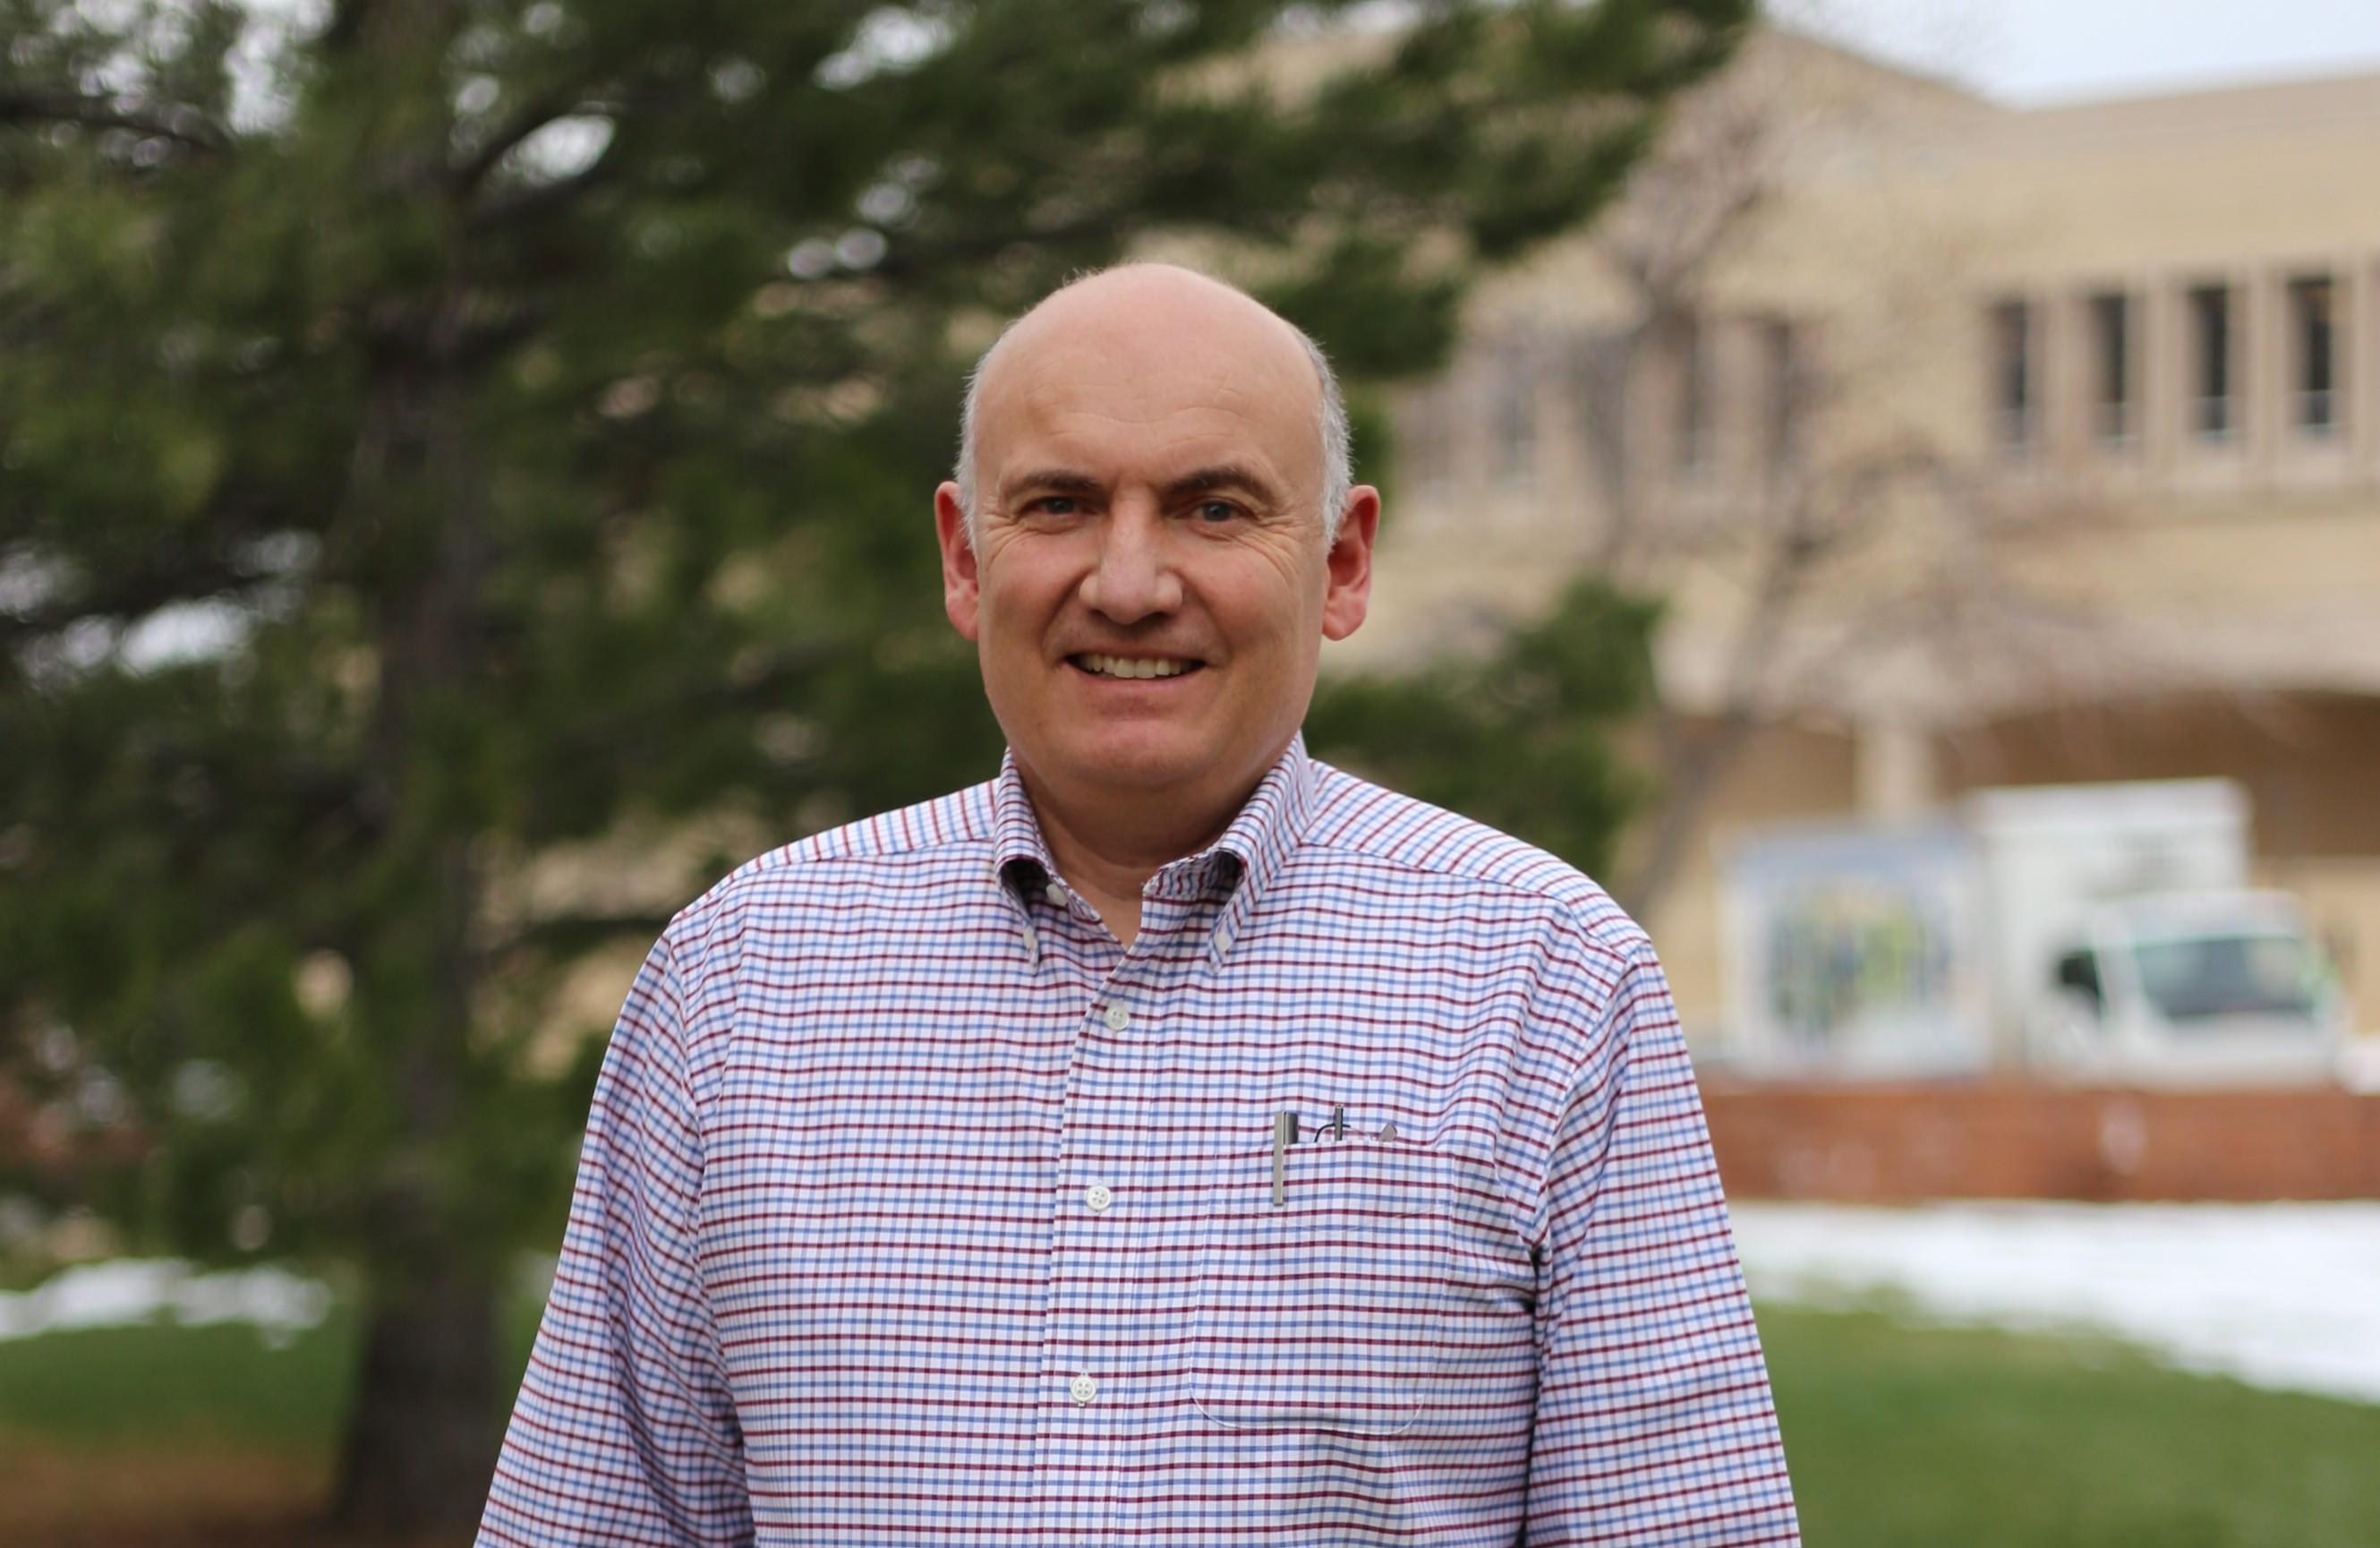 Dr. John Speer